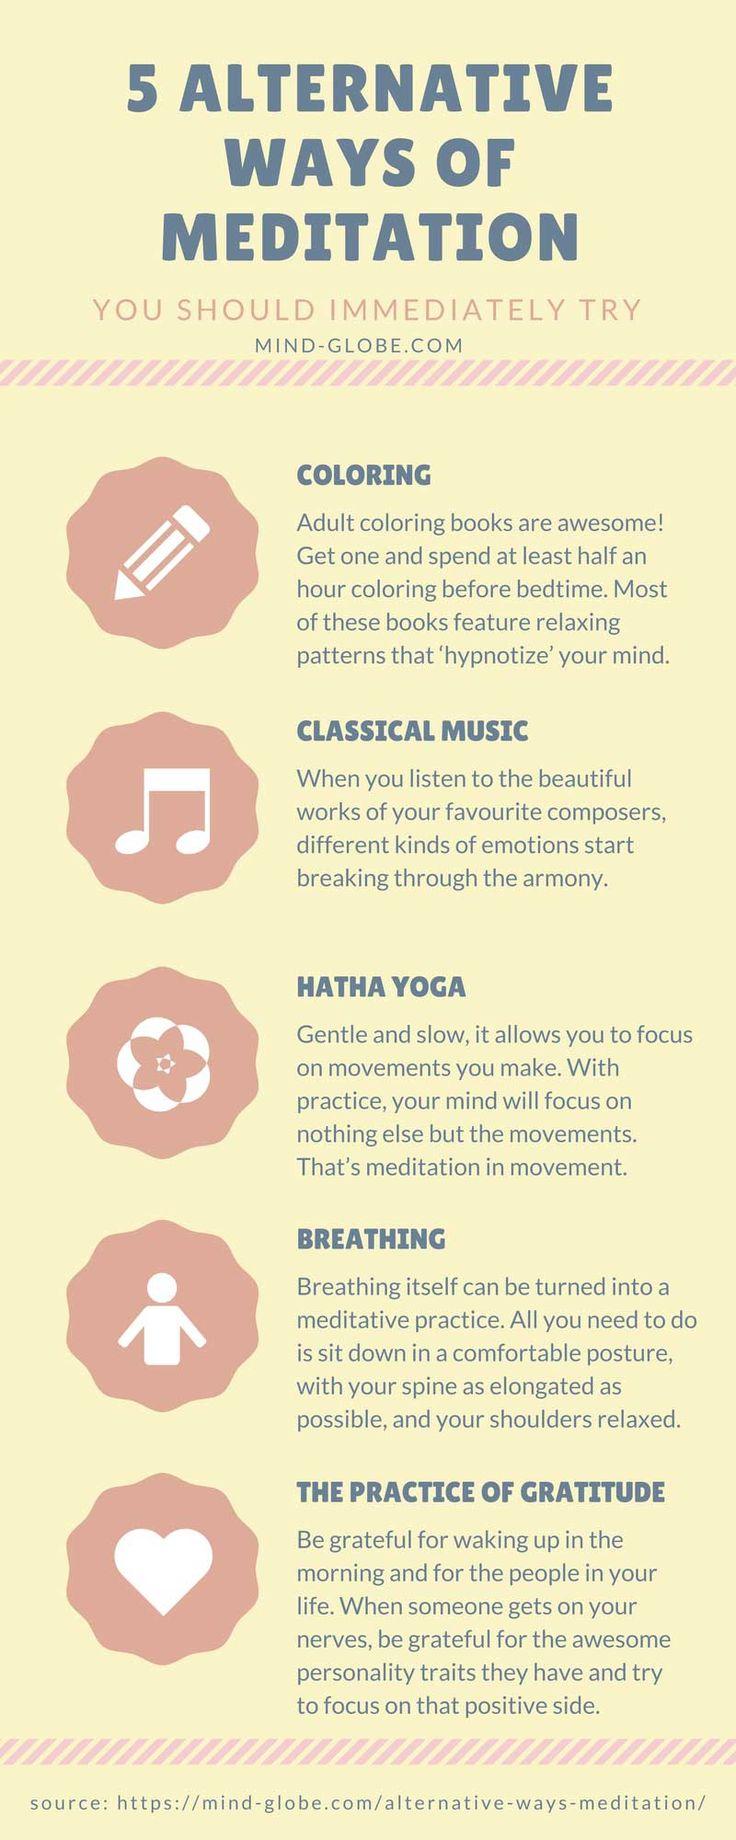 5 Alternative Ways of Meditation You Should Immediately Try